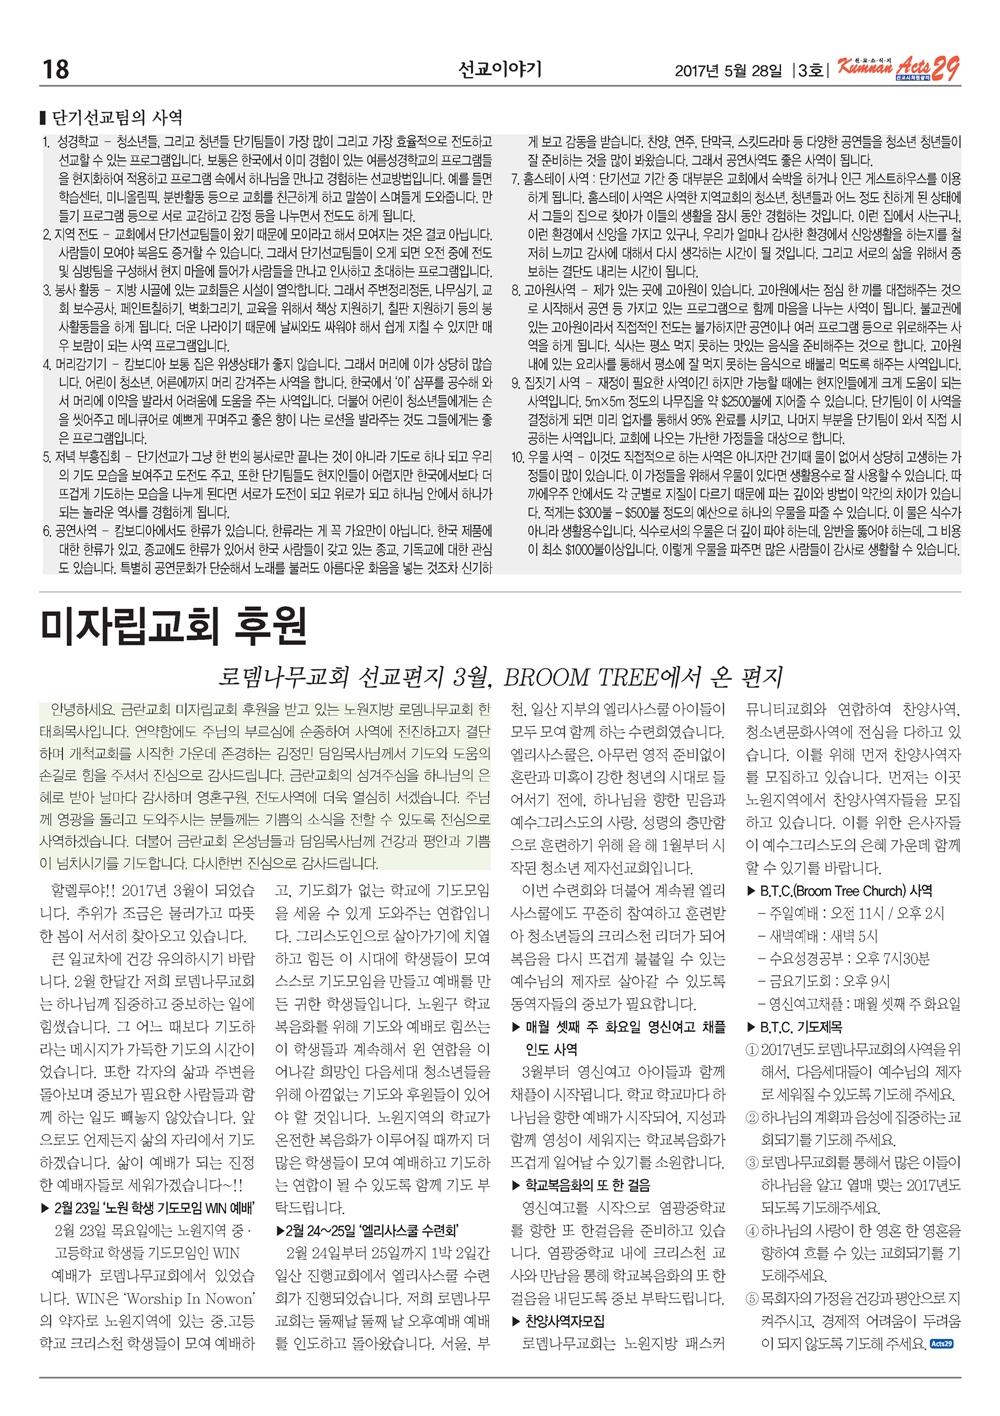 금란선교소식지 3월호_Page_18.jpg